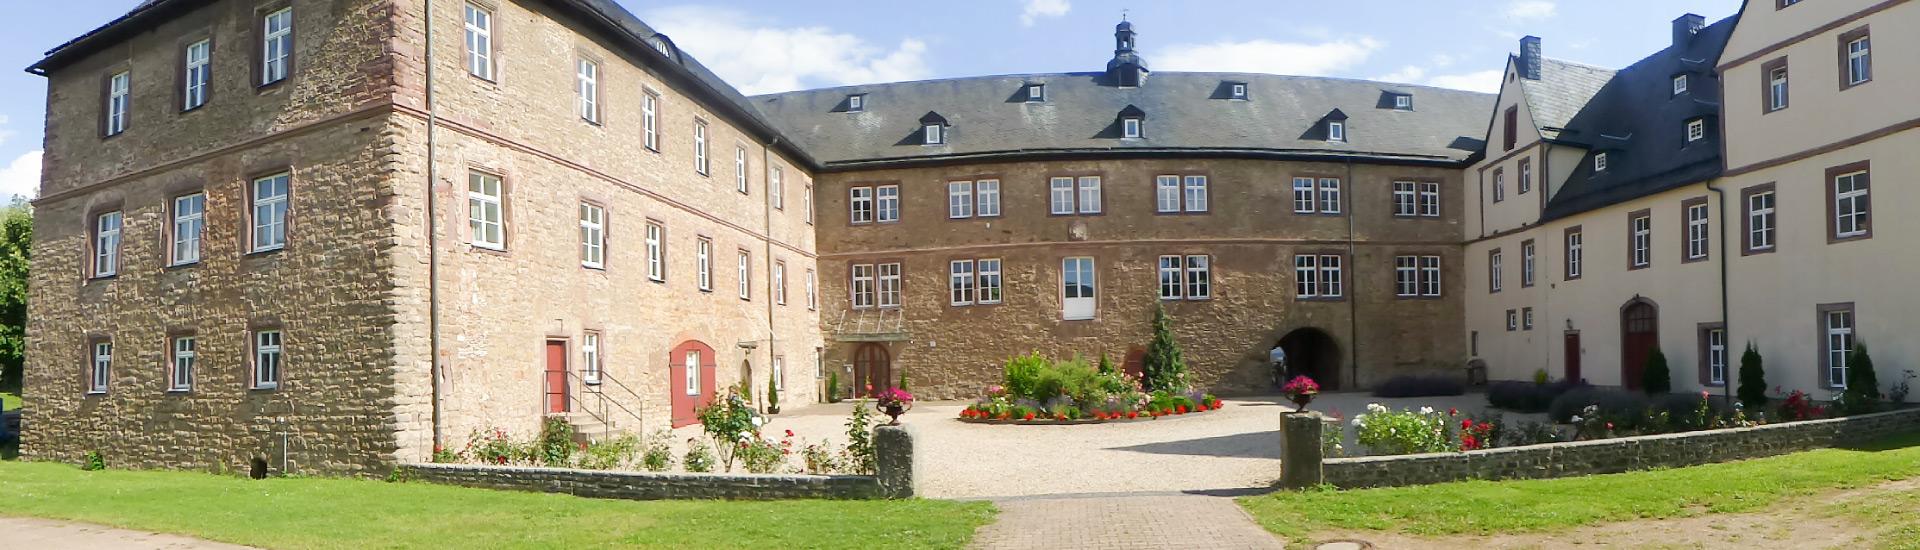 1-Schloss-Nordhof_RH_verbessert